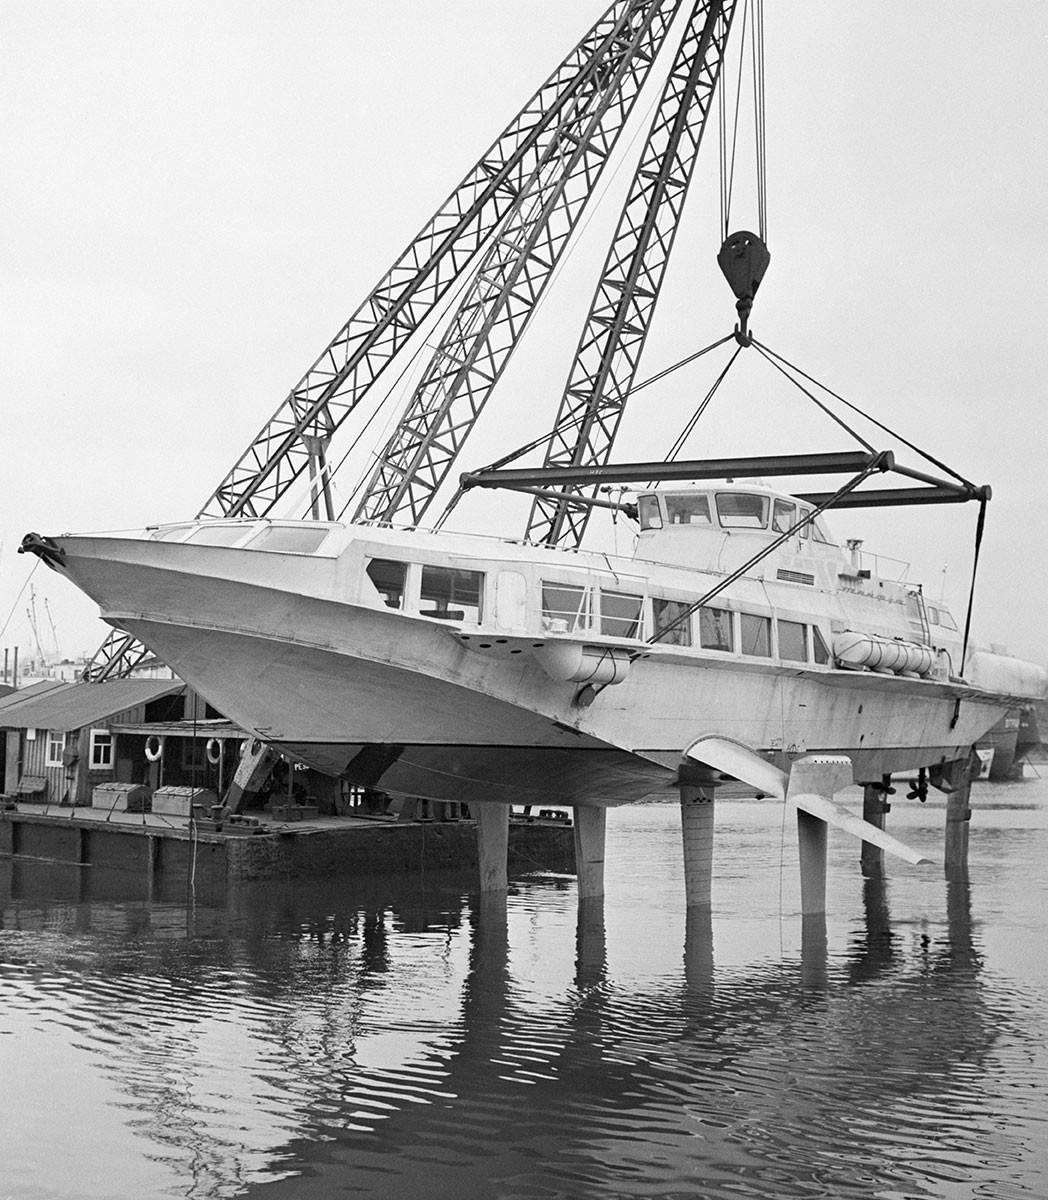 """Спуштање на воду поморског брода """"Тајфун"""" са подводним крилима и гасно-турбинским погоном који развија брзину око 76 км/час. Брод може да прими 100 путника и опремљен је клима-уређајима. СССР, Лењинград, 24. новембар 1969."""